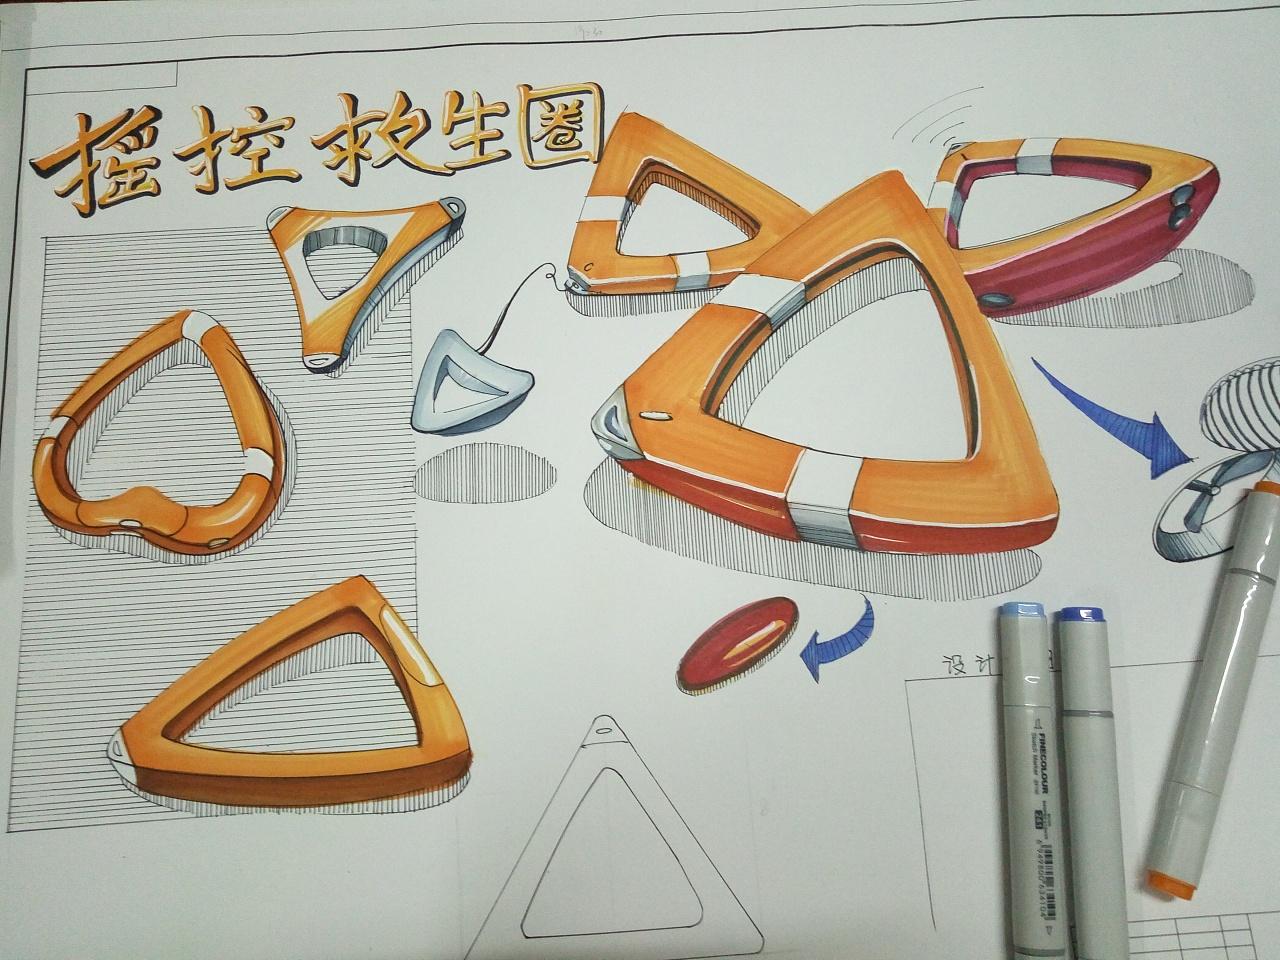 工业设计手绘|工业/产品|其他工业/产品|廊桥寻了个梦